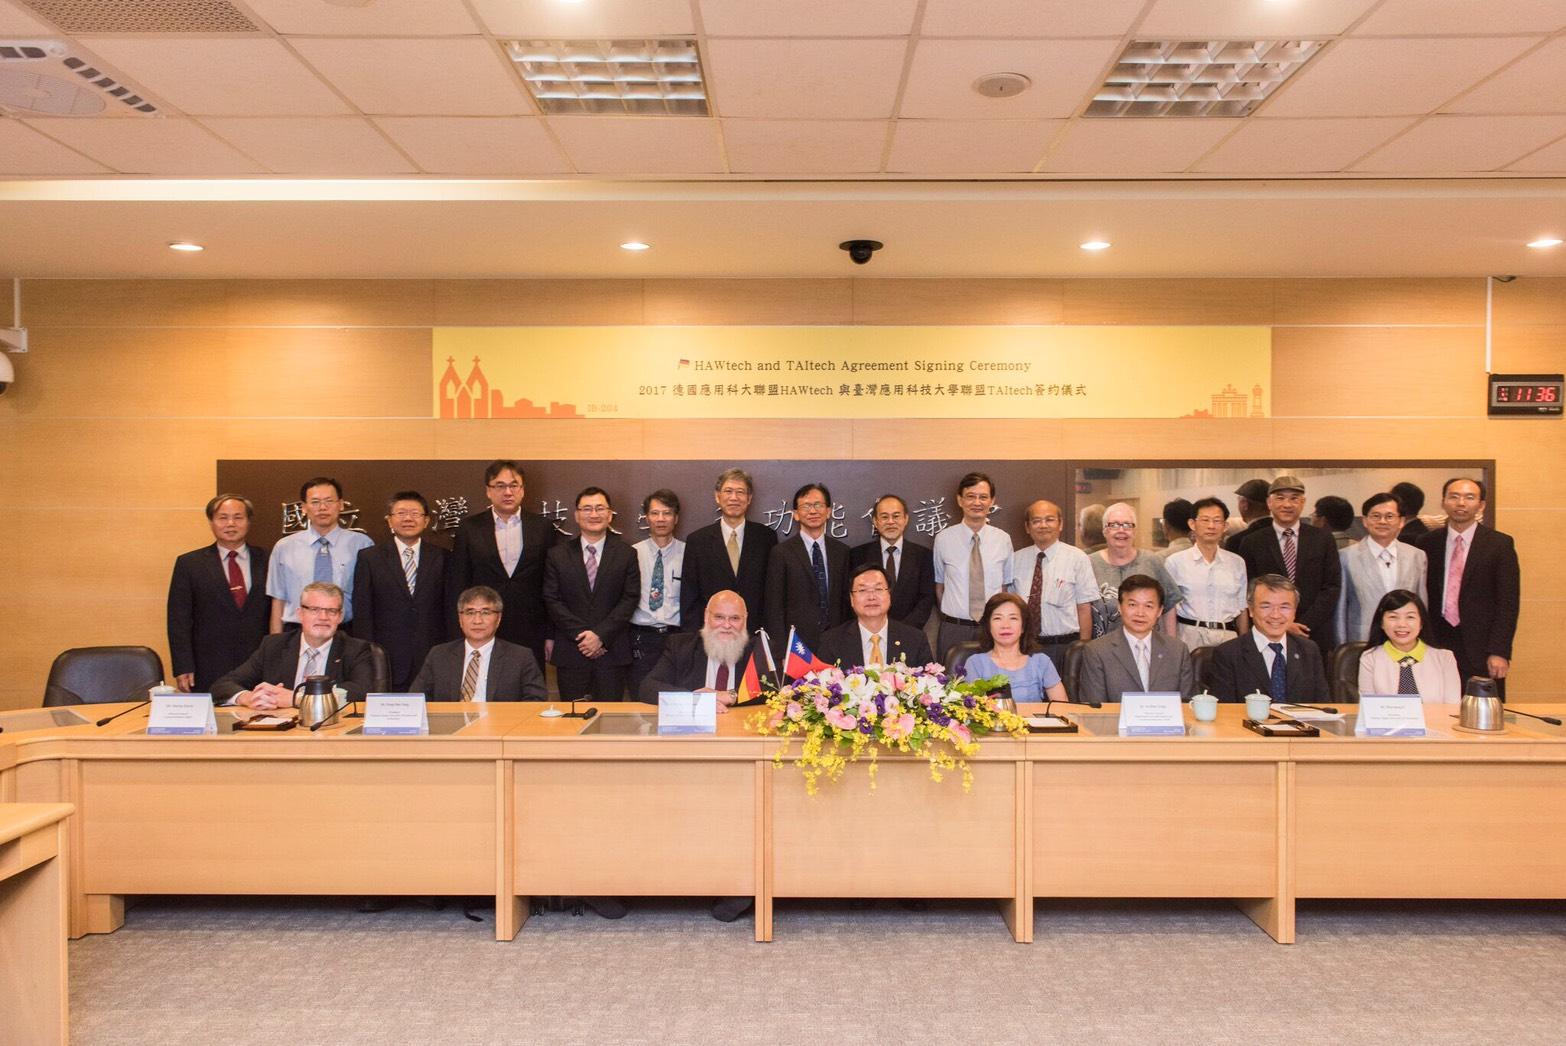 臺德科技大學聯盟簽約-開啟技職人才培育國際合作新模式_圖片_大圖